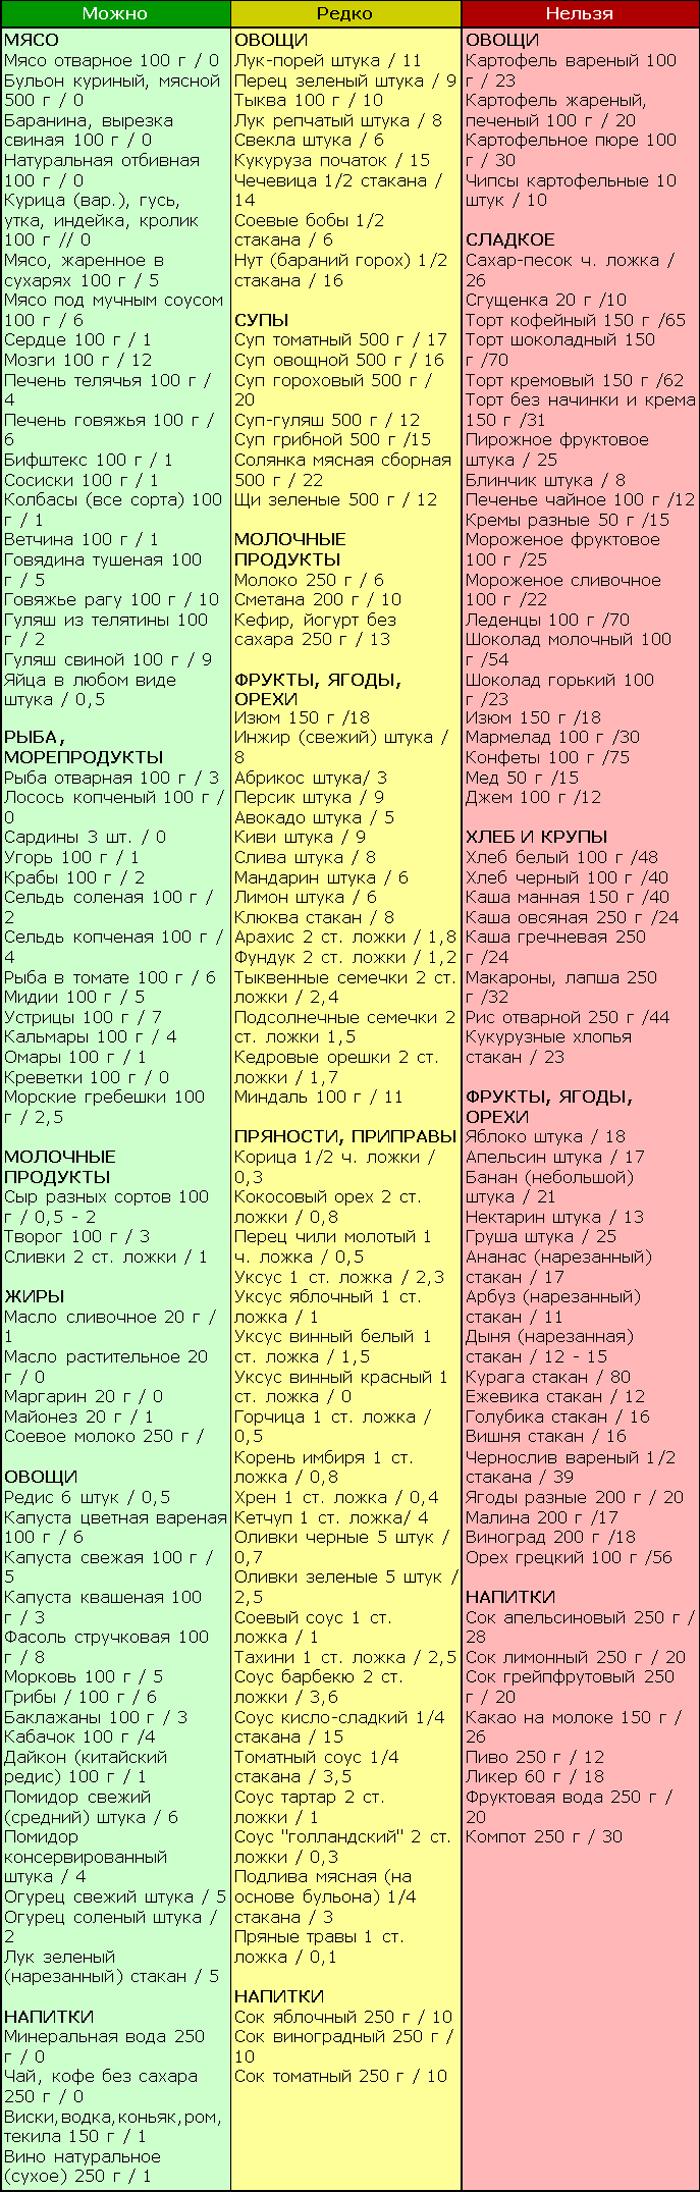 Майонез При Углеводной Диете. Безуглеводная диета: эффективное жиросжигание в домашних условиях